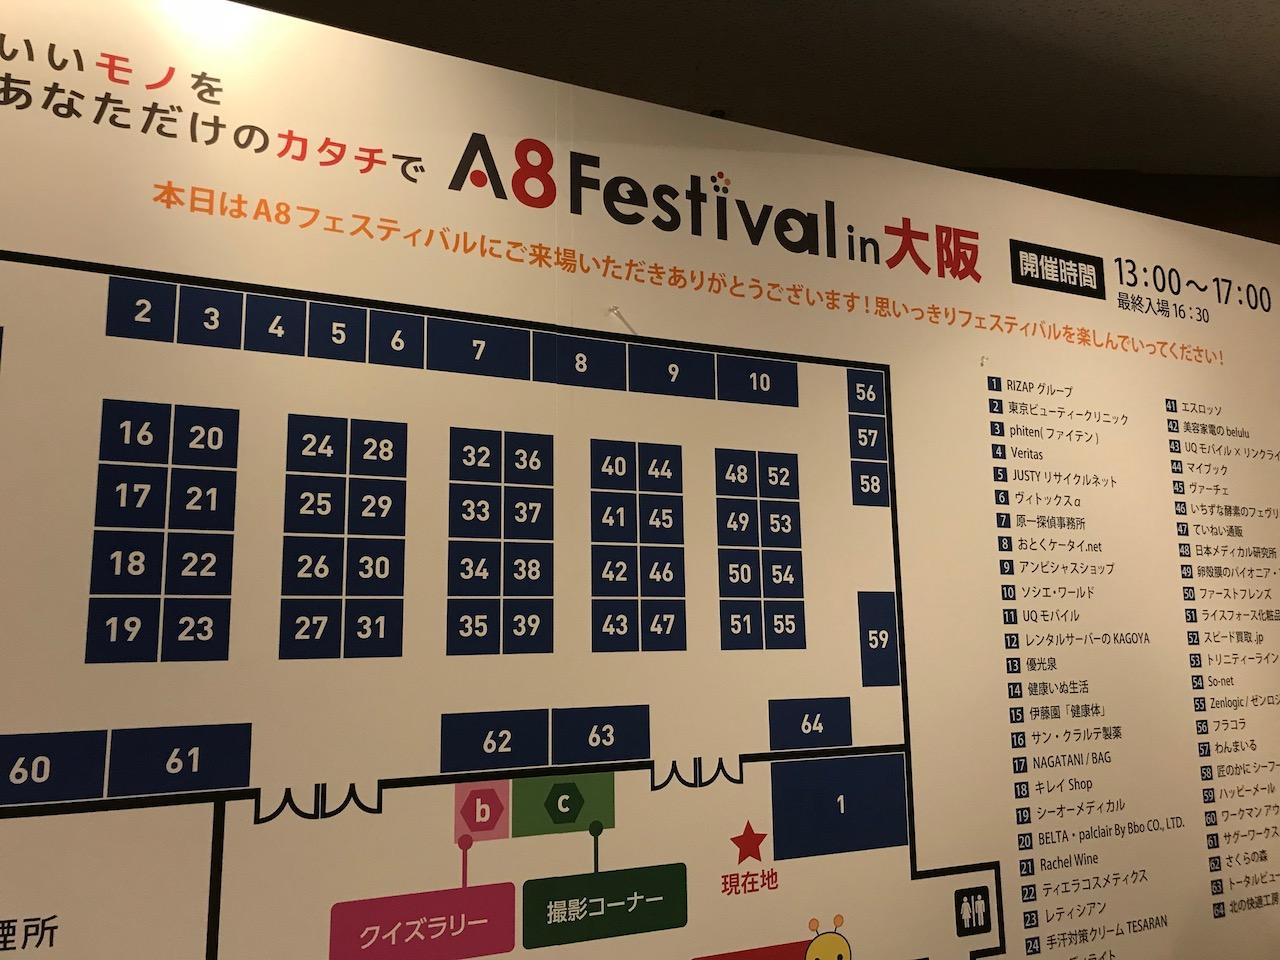 A8フェスティバル@大阪に行ってきた!アフィリエイター多すぎ!